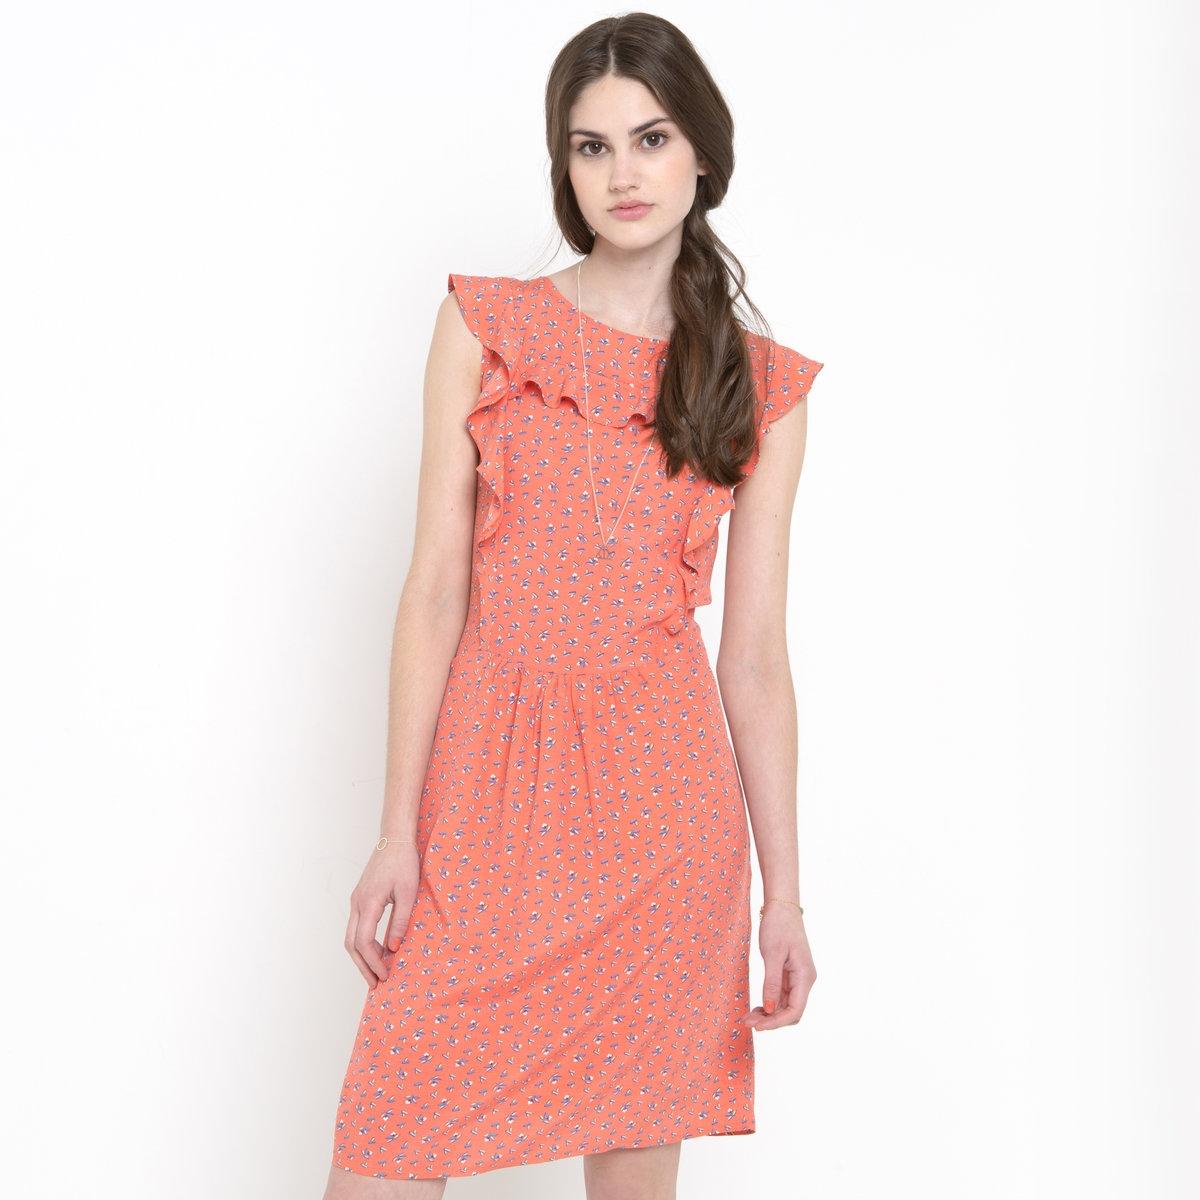 Платье с воланамиПлатье с воланами из 100% вискозы. Заниженная талия. Юбка на подкладке (100% вискозы). 2 кармана по бокам. Длина 90 см.<br><br>Цвет: набивной рисунок<br>Размер: 38 (FR) - 44 (RUS)